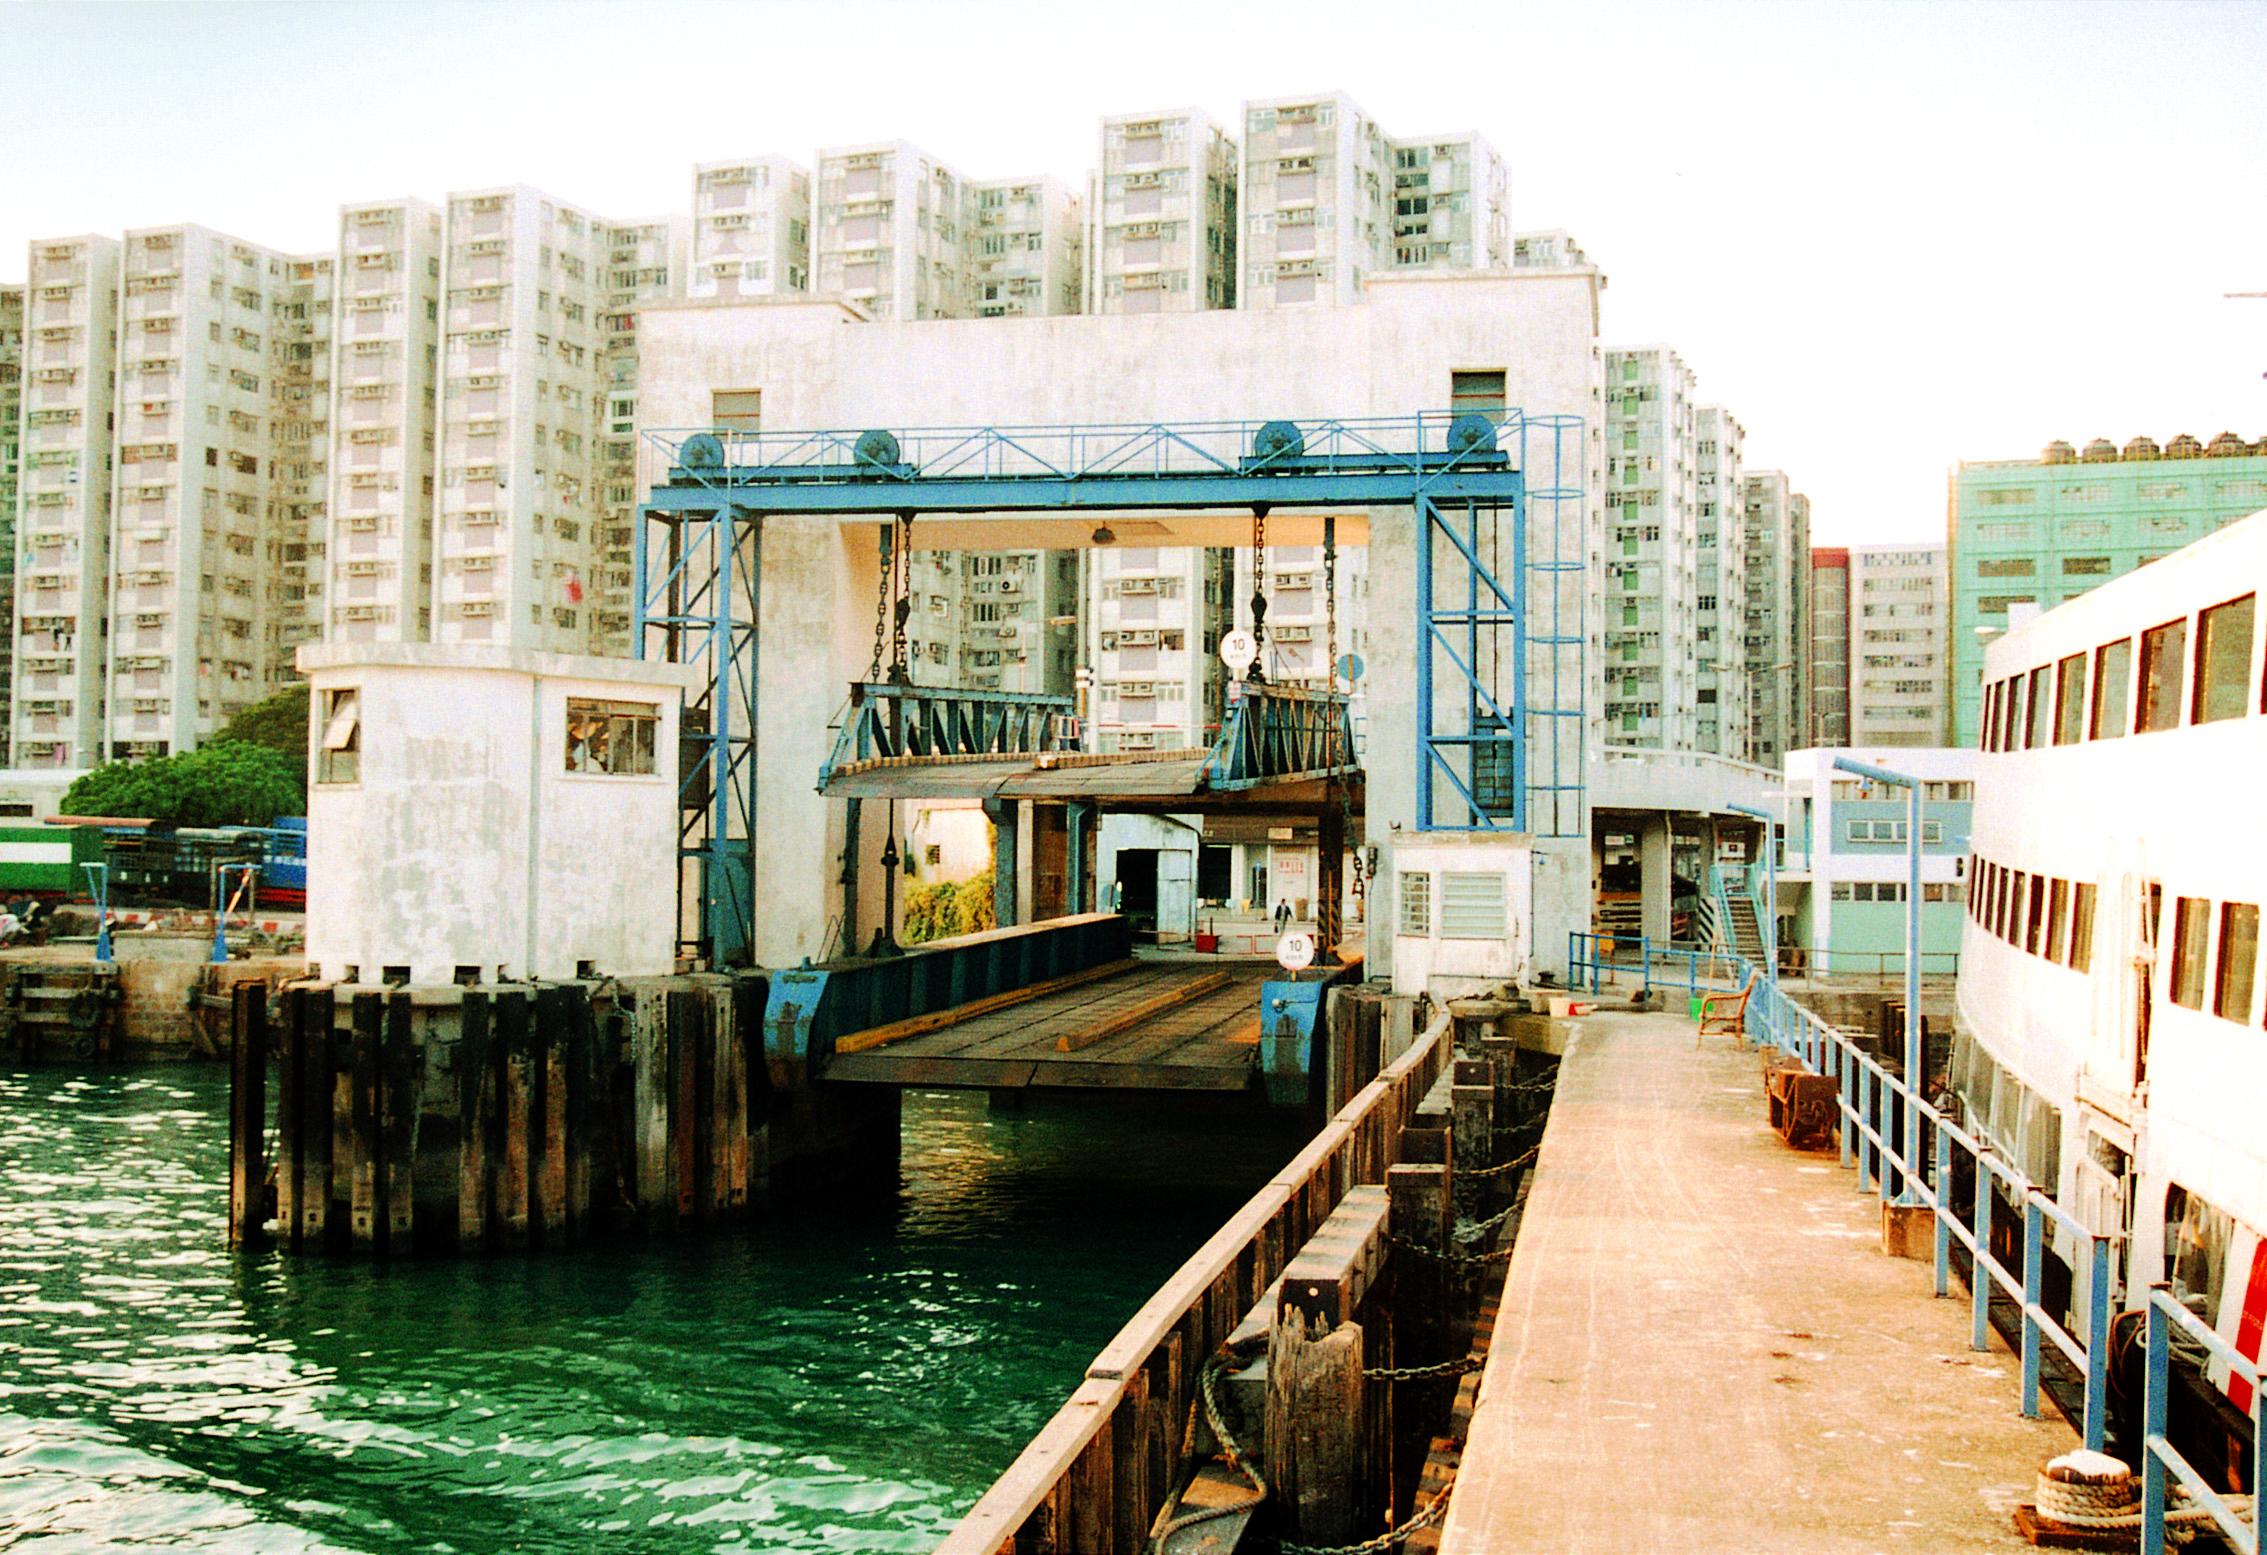 http://ubeat.com.cuhk.edu.hk/wp-content/uploads/2018/139_ferry_11.jpg